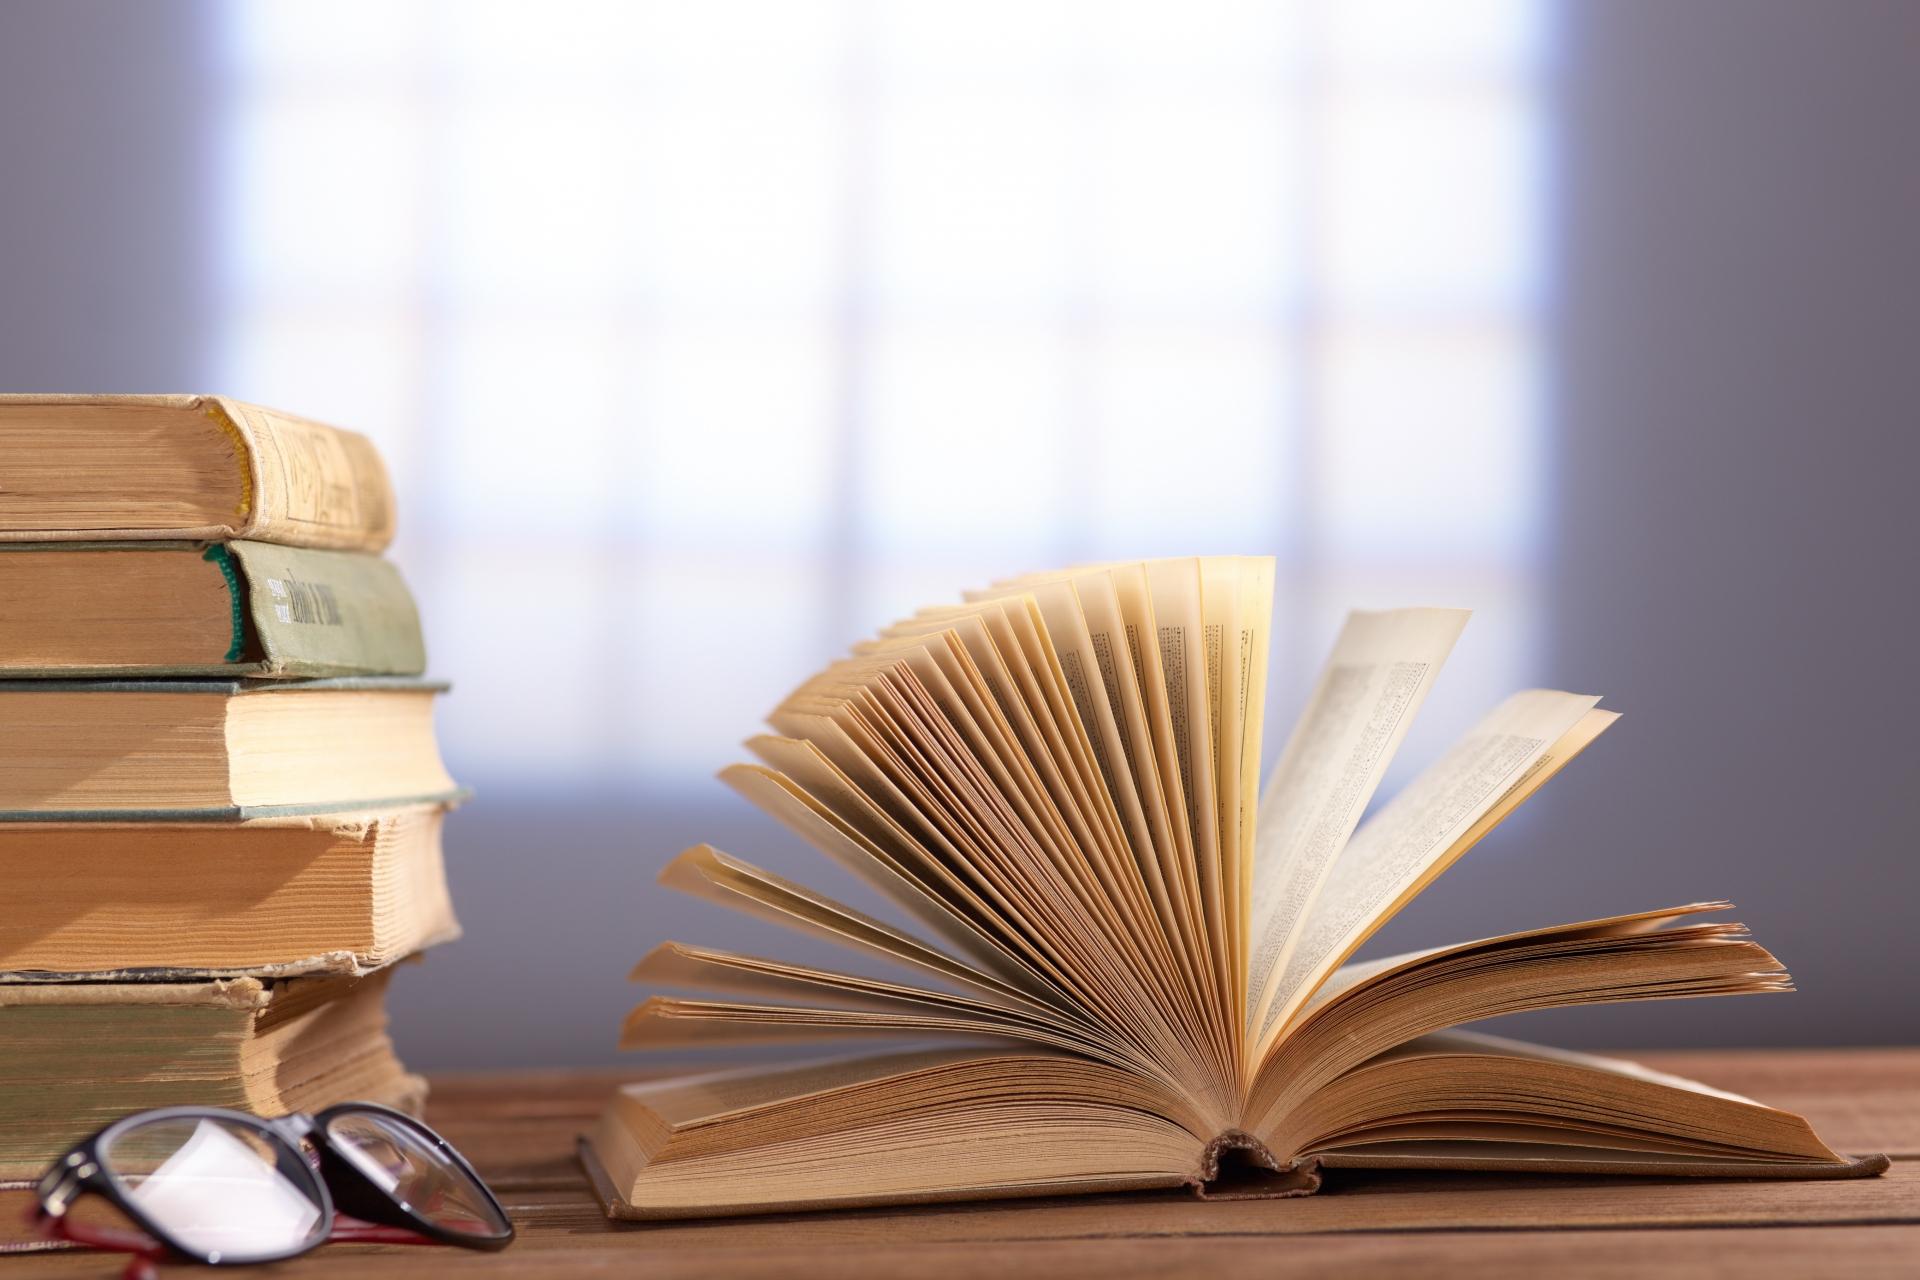 カントの三批判書を読む前に理解しておきたい各著作のポイント。